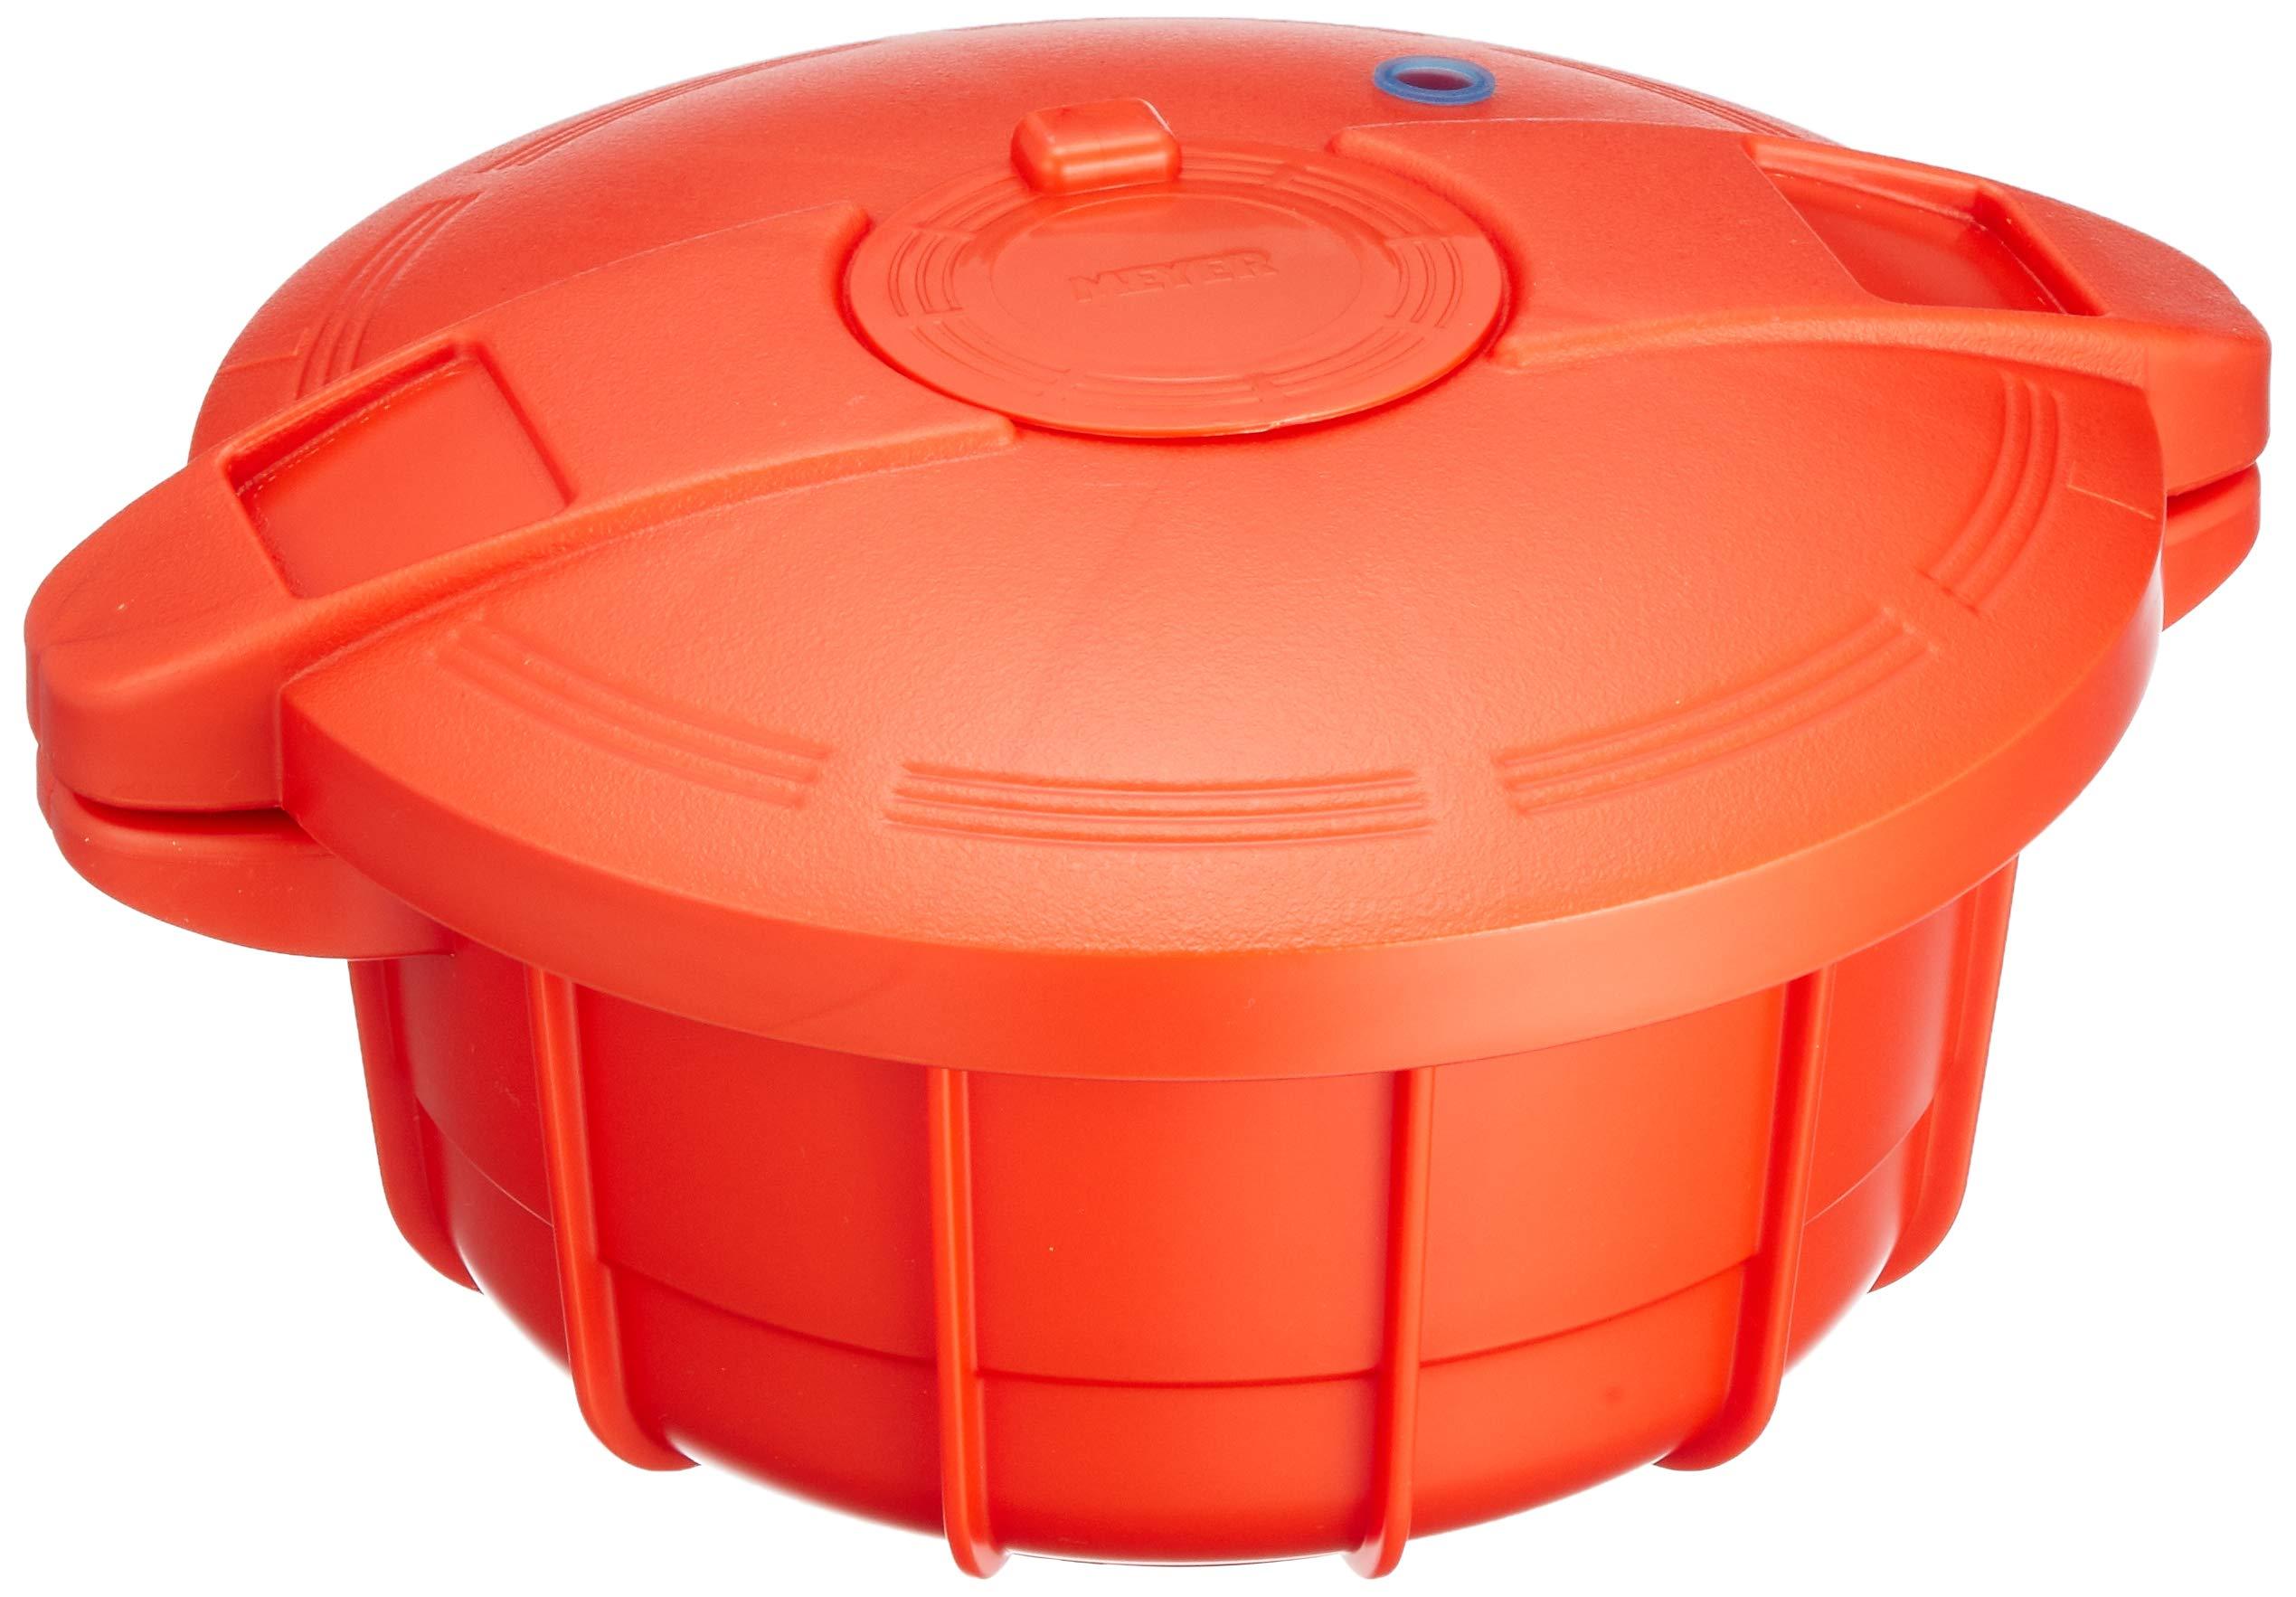 MEYER(マイヤー) 電子レンジ圧力鍋 オレンジ 2.3L MPC2.3POの商品画像